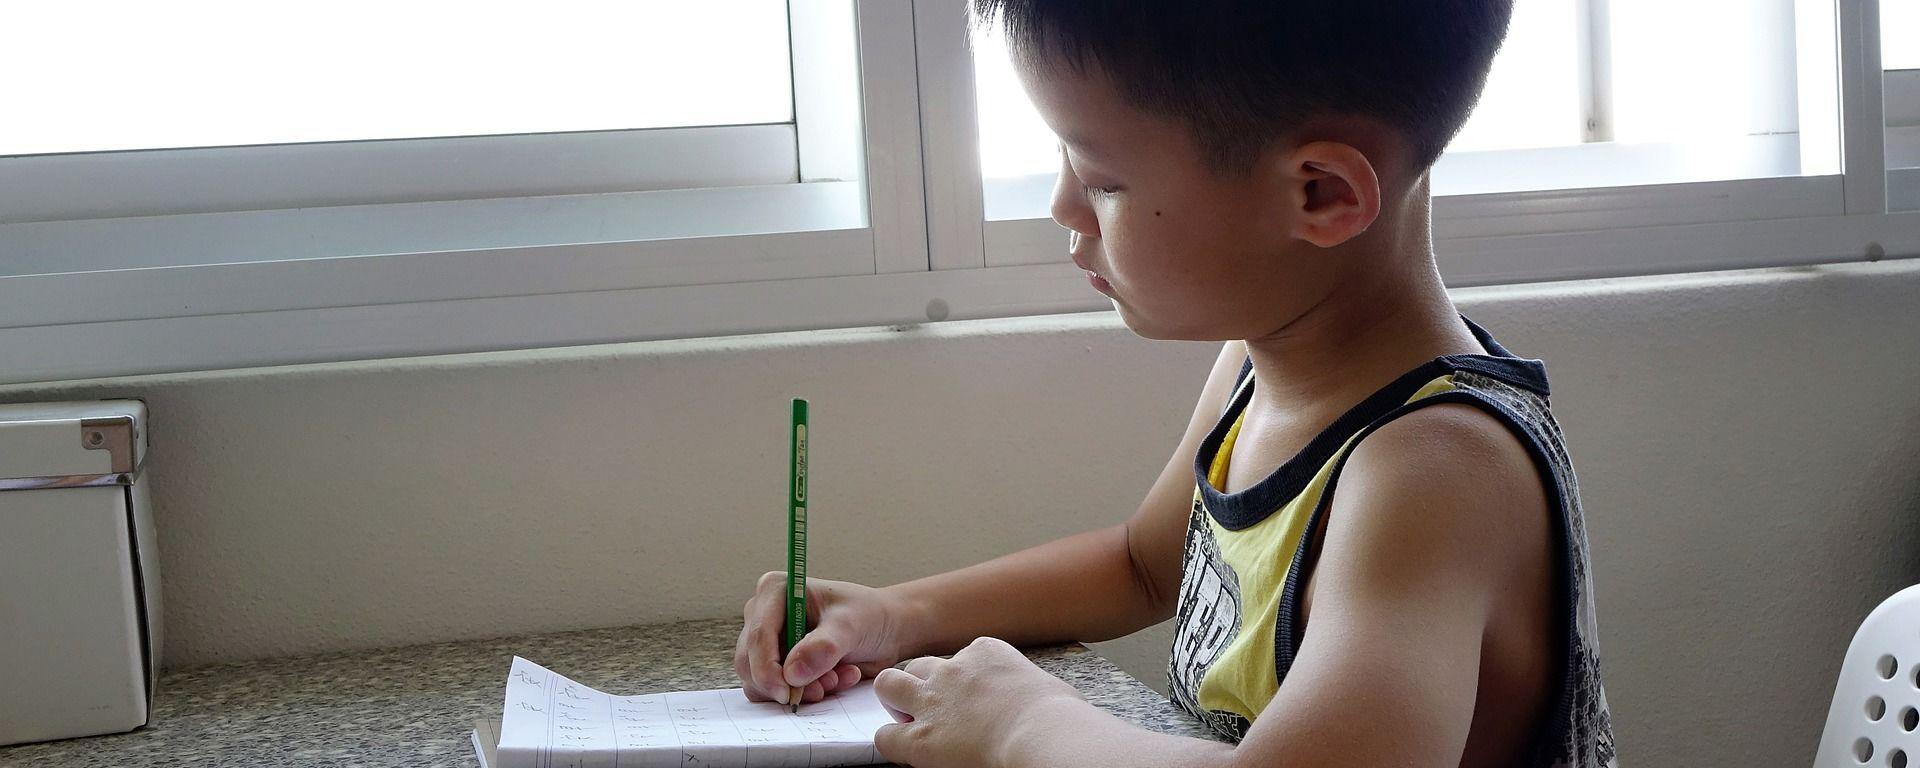 Un bambino cinese a scuola - Sputnik Italia, 1920, 21.07.2021